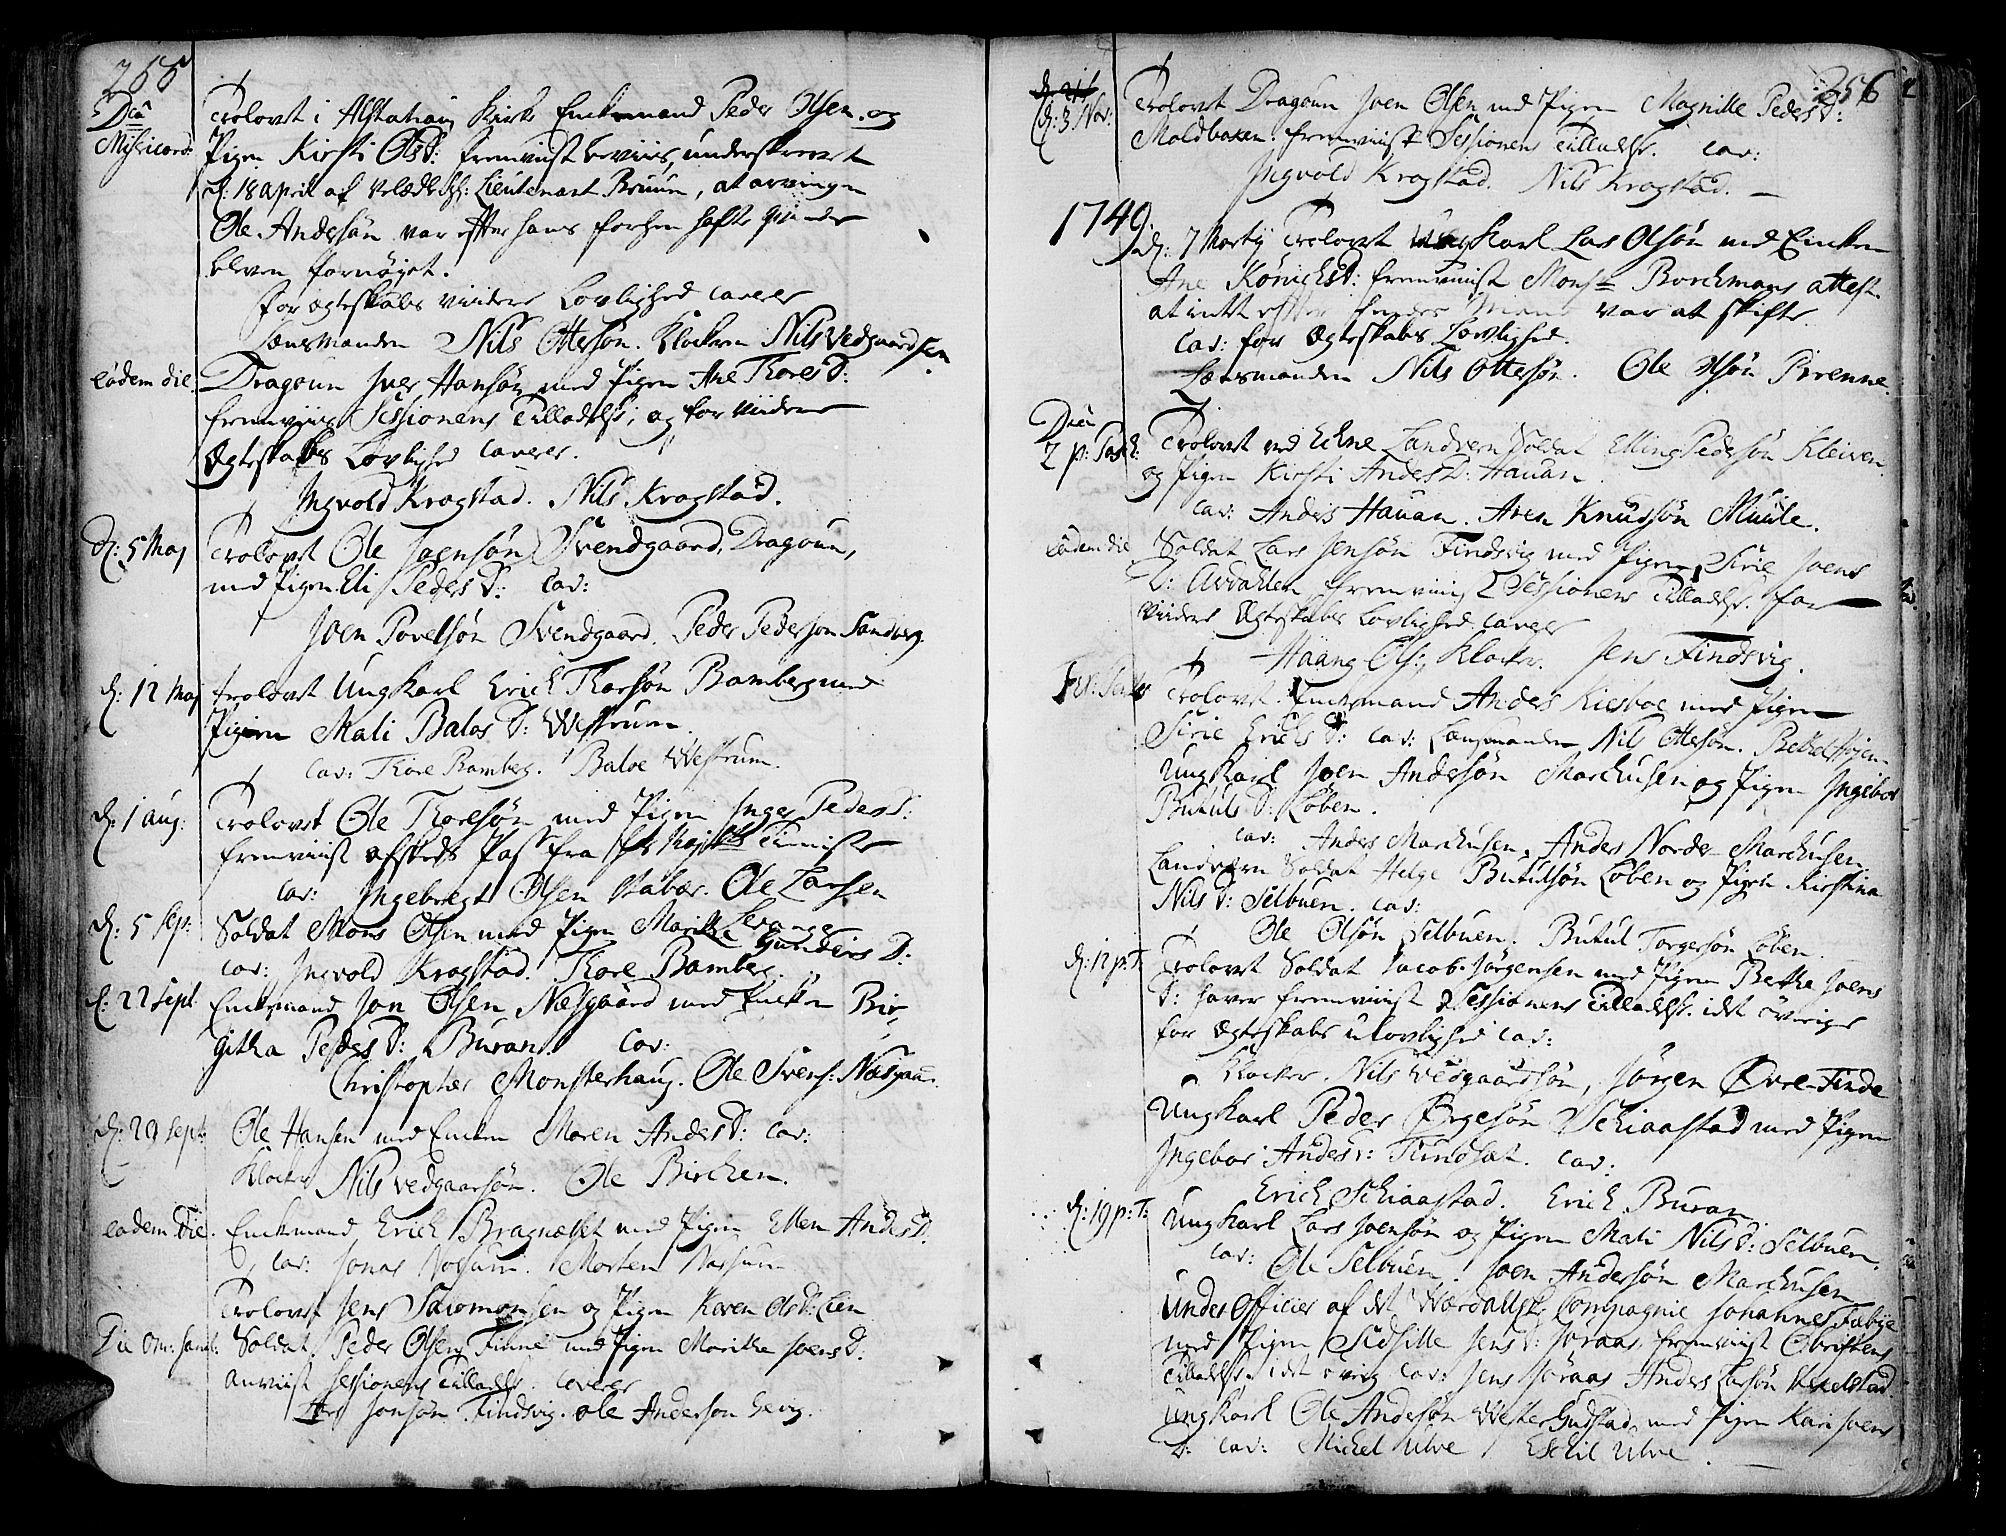 SAT, Ministerialprotokoller, klokkerbøker og fødselsregistre - Nord-Trøndelag, 717/L0141: Ministerialbok nr. 717A01, 1747-1803, s. 255-256